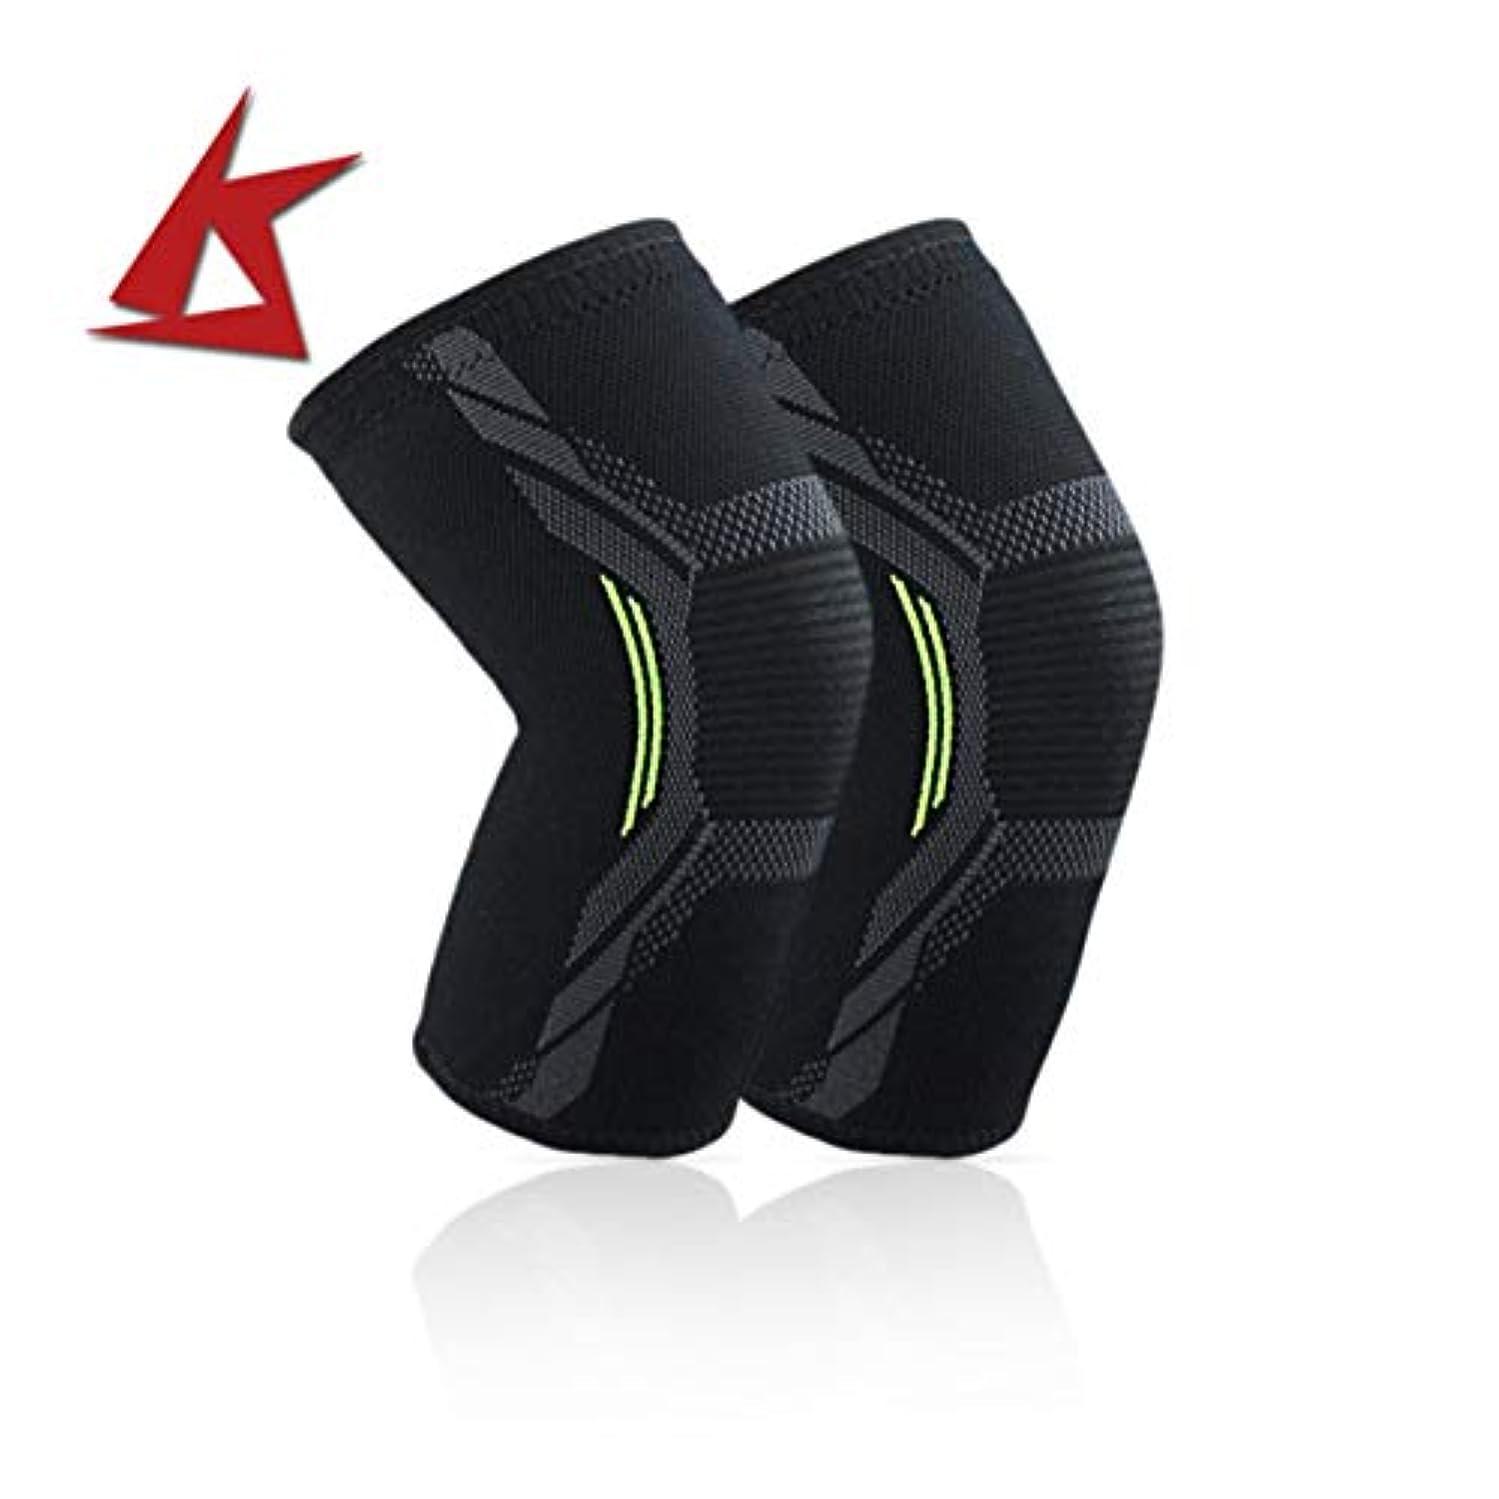 弱い私たちのものスケッチニット膝パッド耐久性のあるナイロン膝ブレーススポーツ保護パッド超薄型膝サポート安全膝パッド - ブラックL